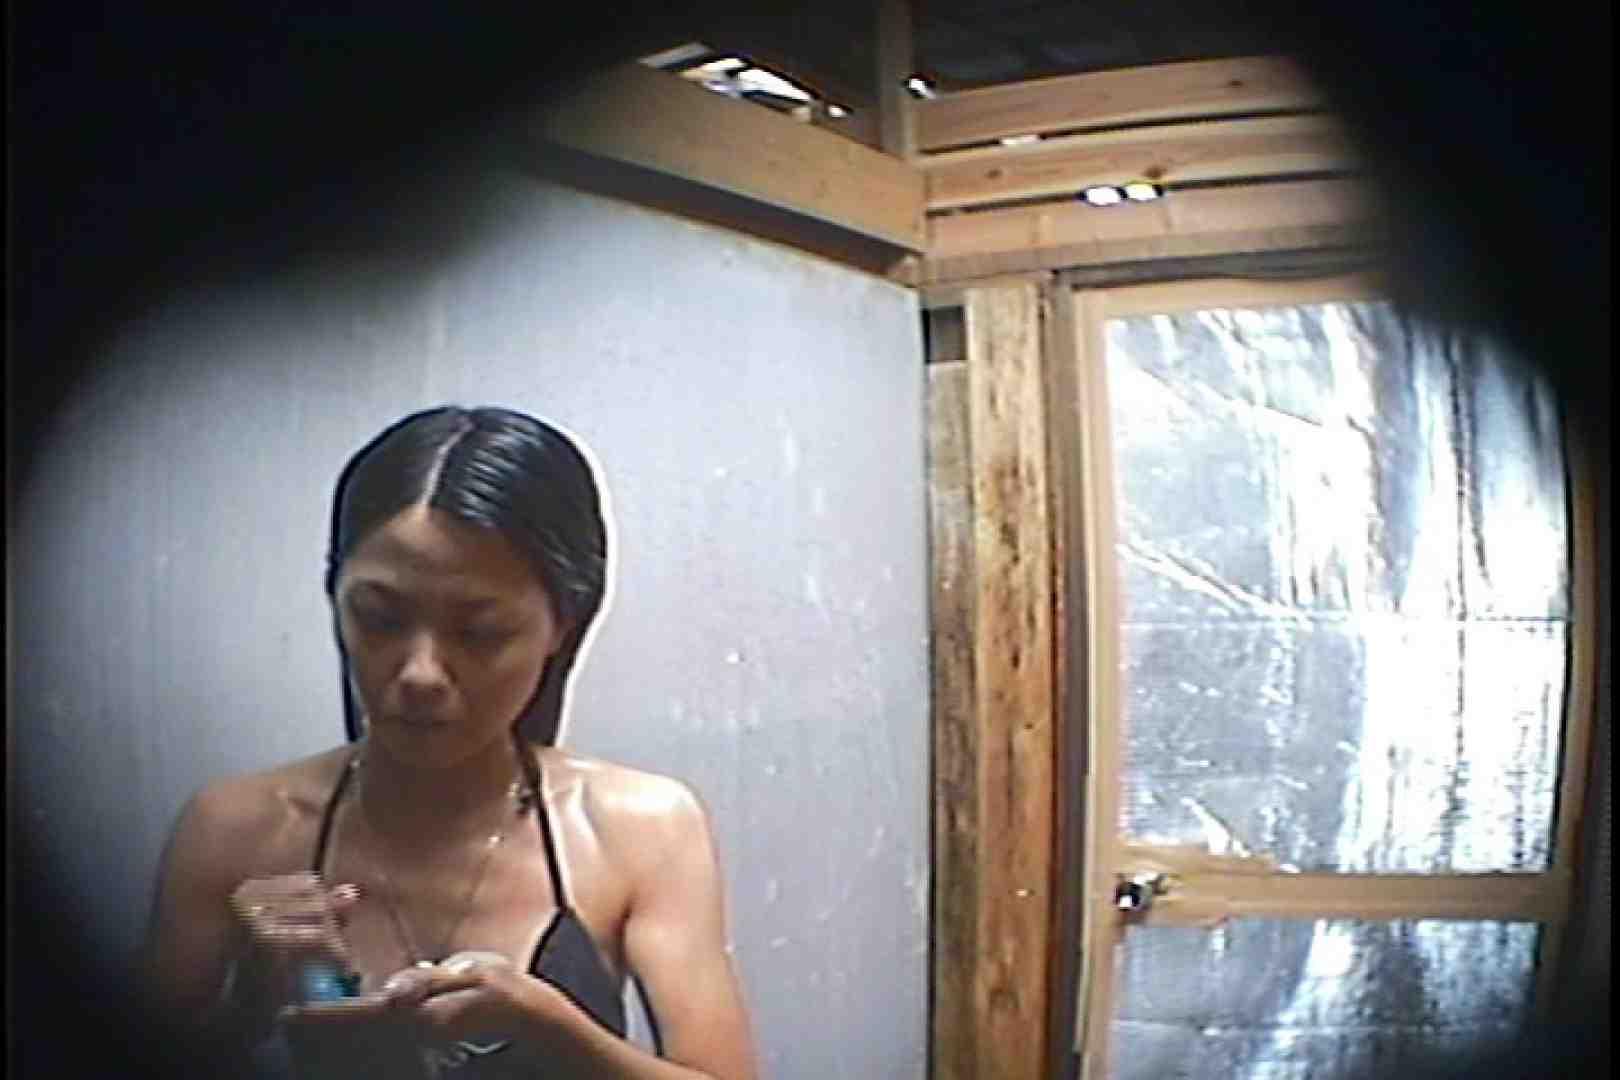 海の家の更衣室 Vol.45 高画質 オマンコ無修正動画無料 79画像 51